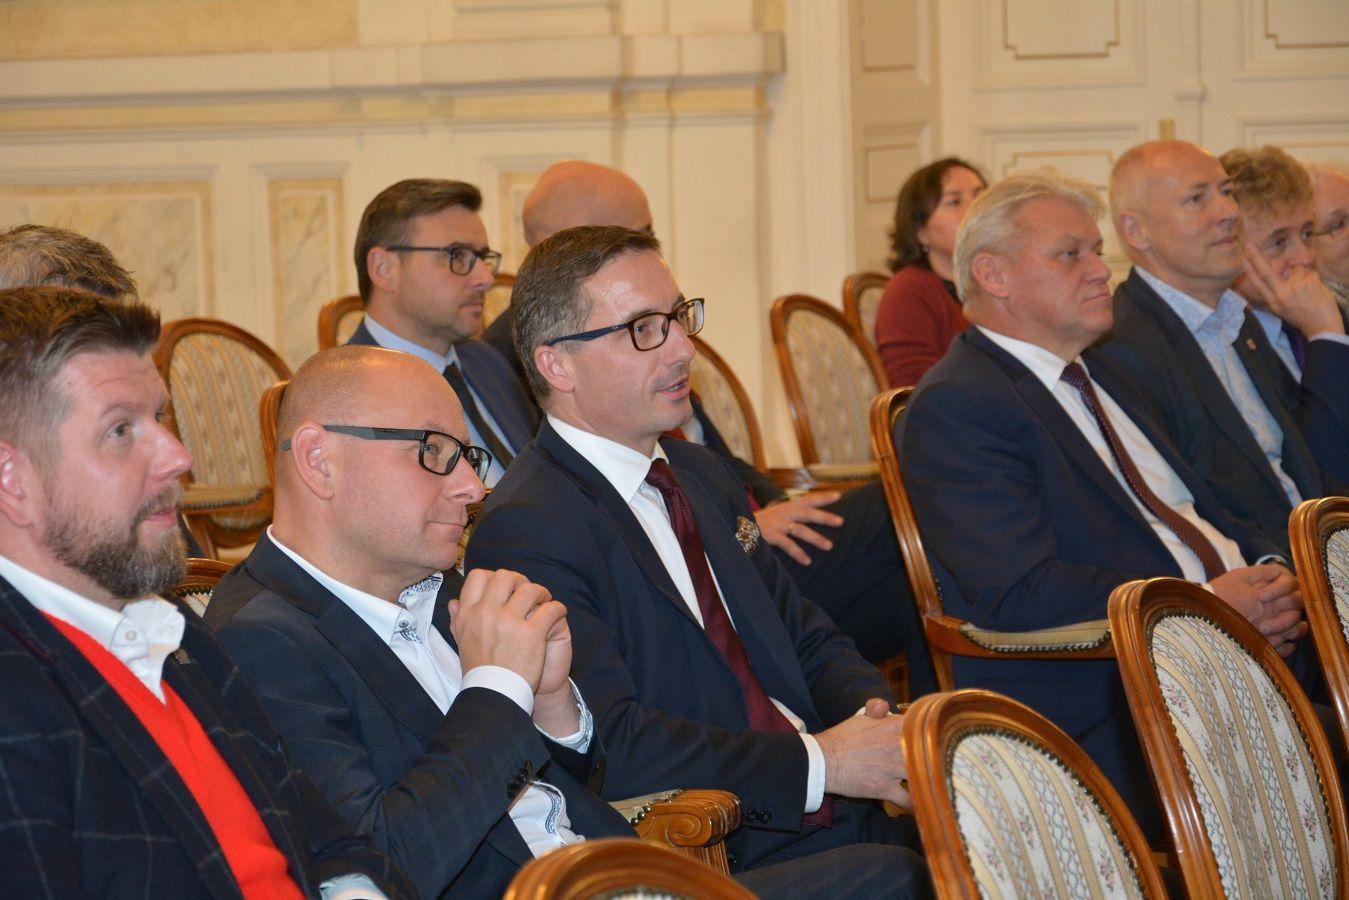 Śląscy samorządowcy dyskutowali o aktualnych problemach gmin i powiatów